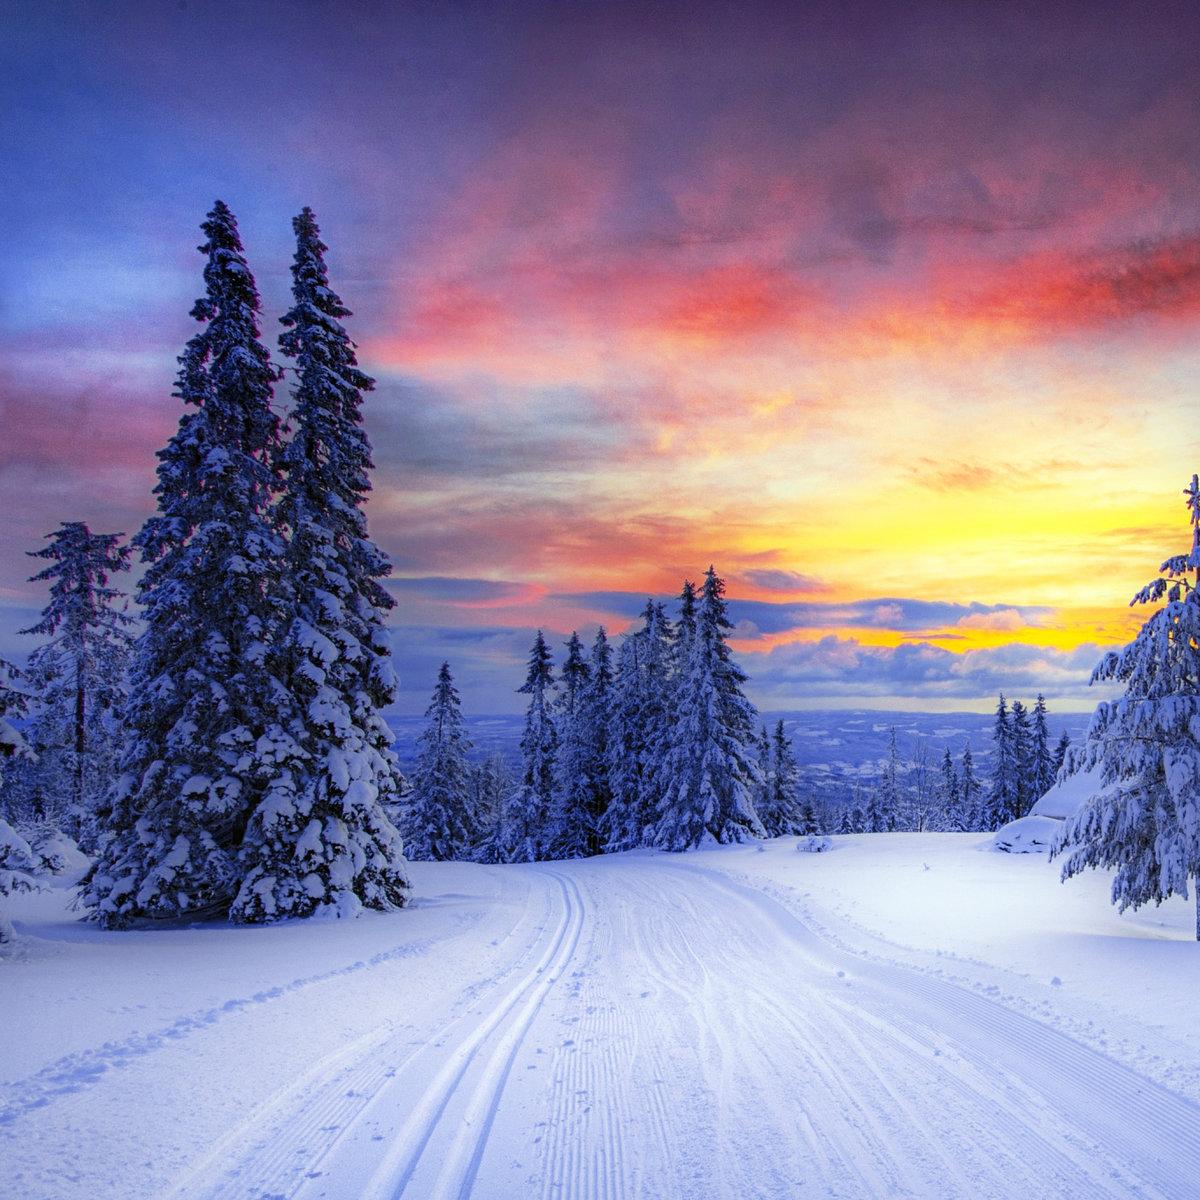 Картинки зимы по вертикали